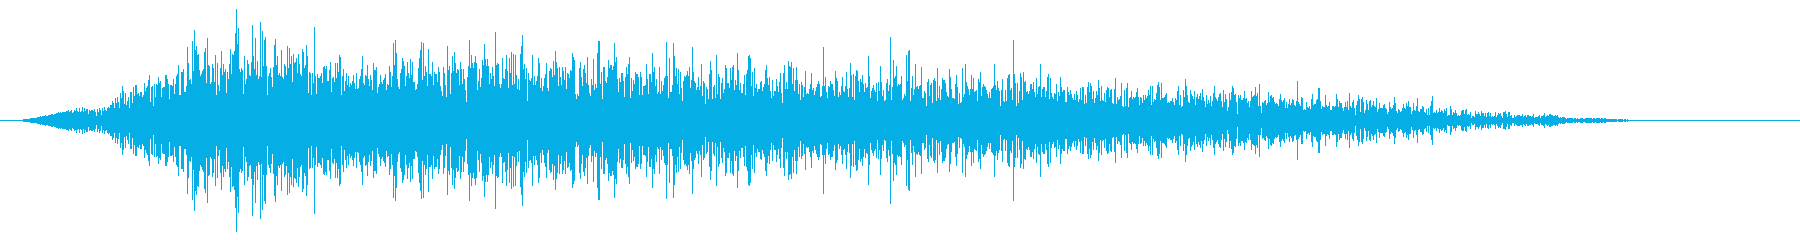 いえーい!元気な女性の声(複数)の再生済みの波形